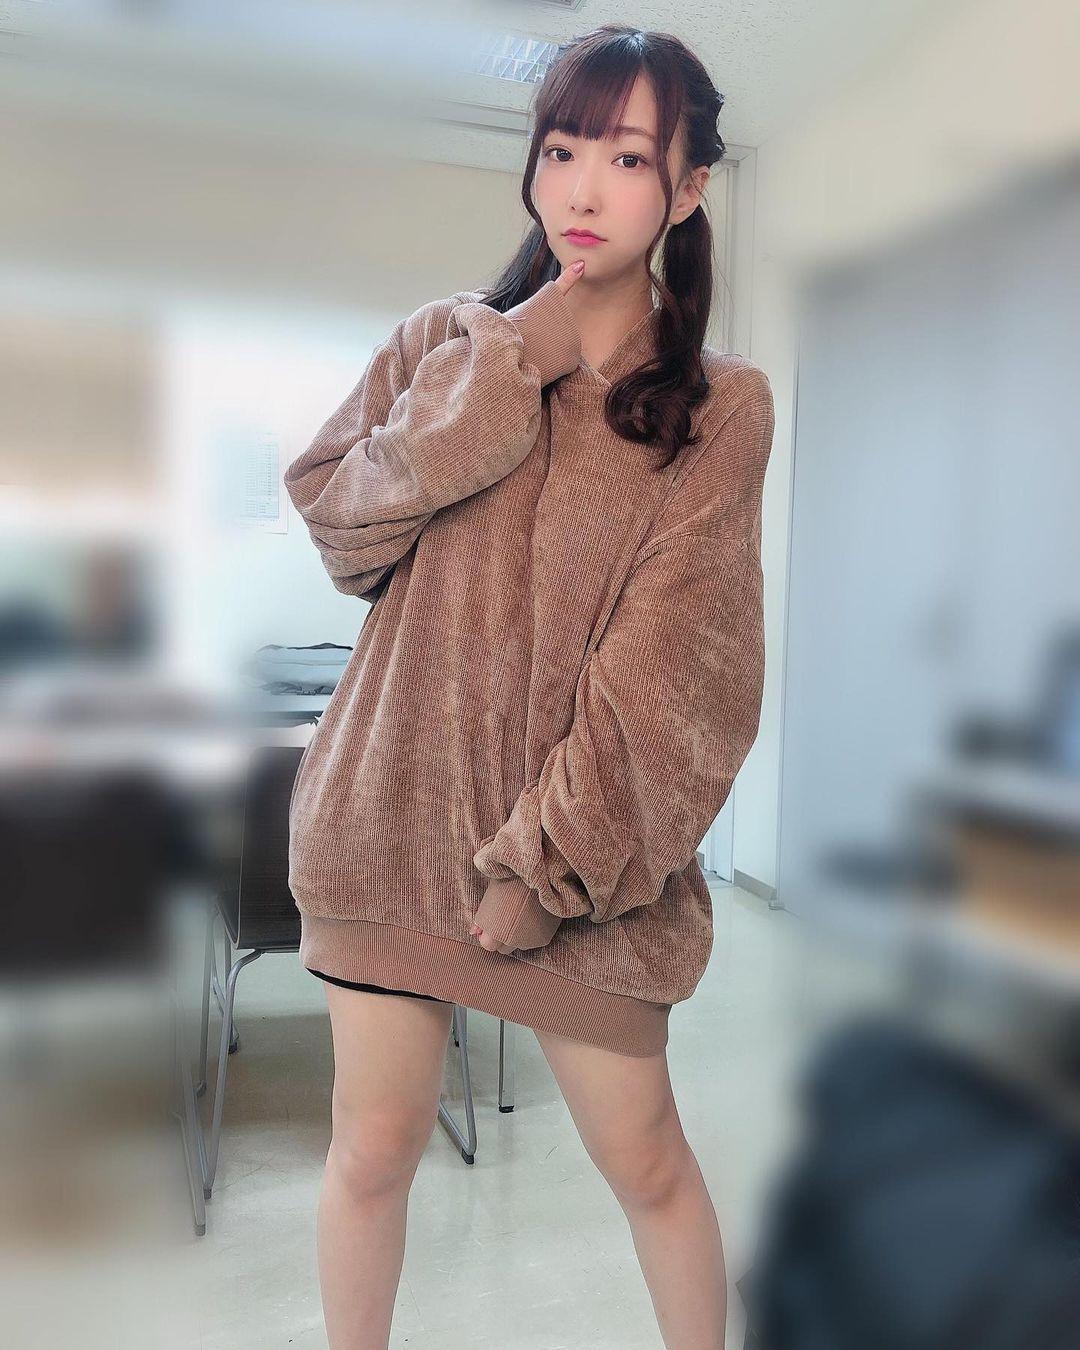 kohinata_nanase_20201020